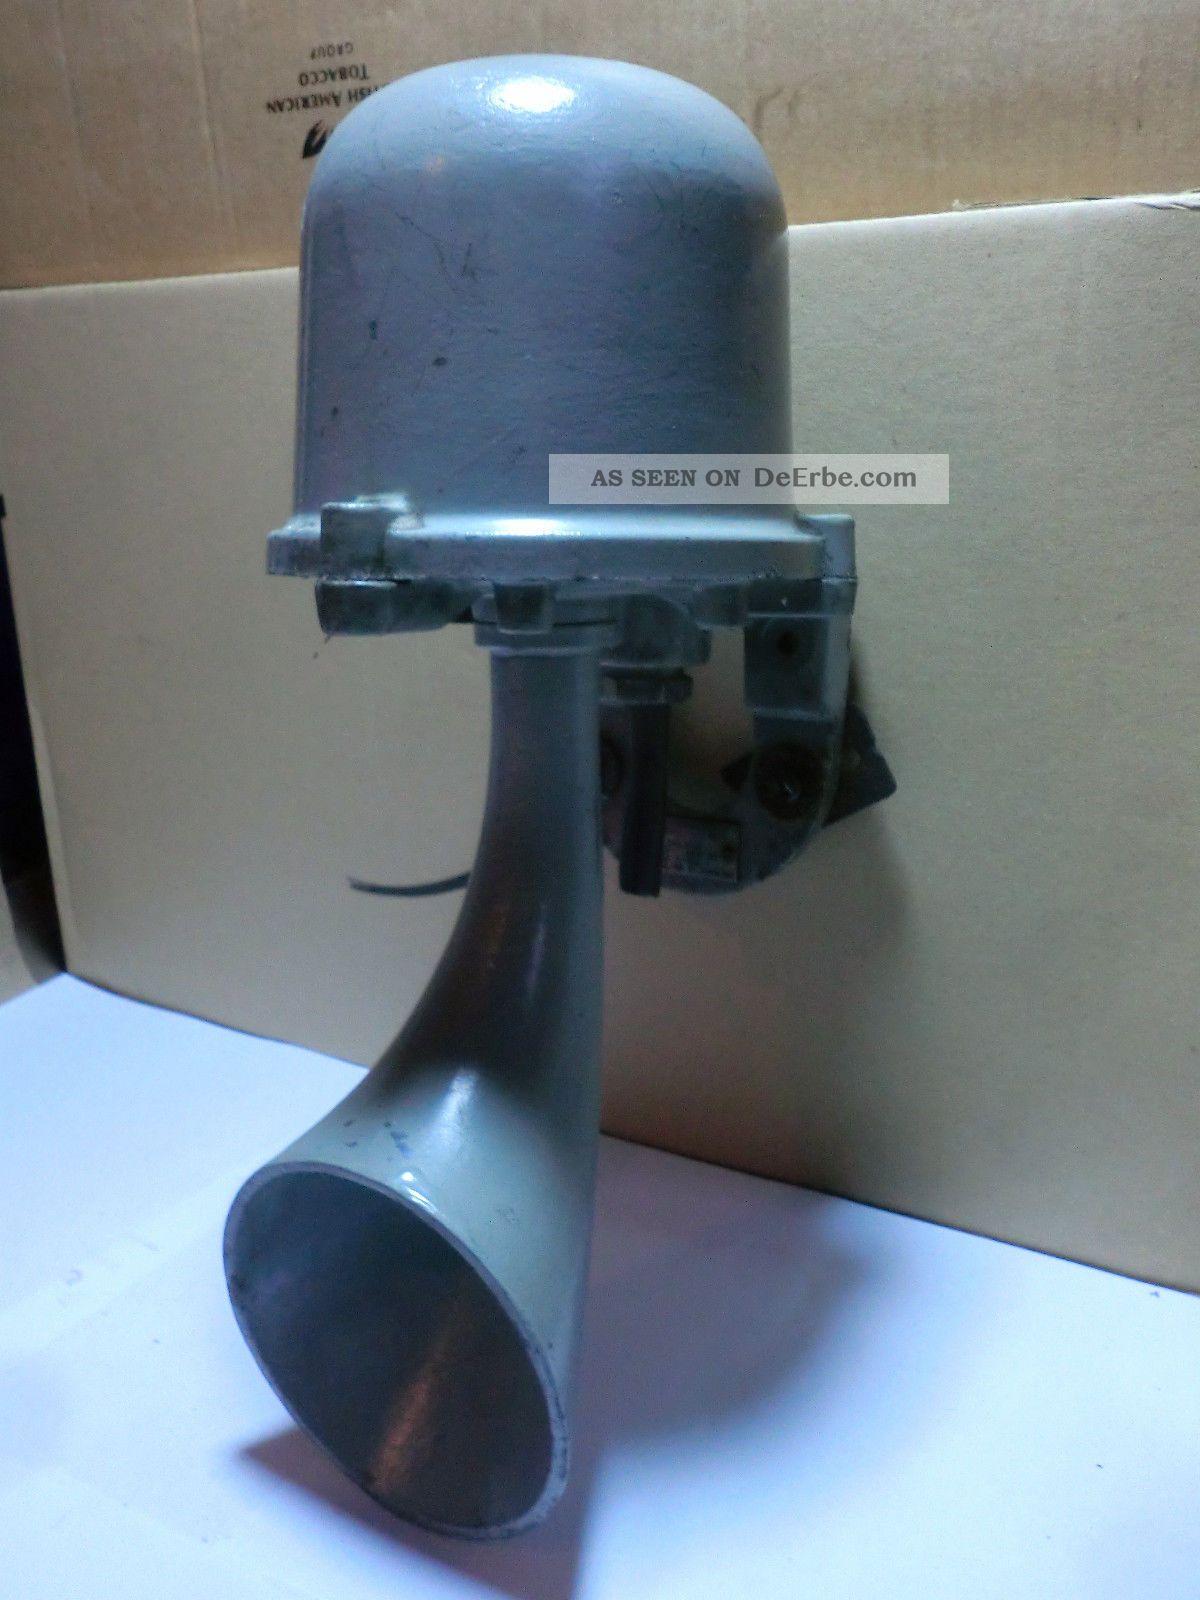 Alte Werkssirene Horn Klingel Sirene 220 Volt 20 Watt Veb Zwenkau Funkmechanik Original, vor 1960 gefertigt Bild